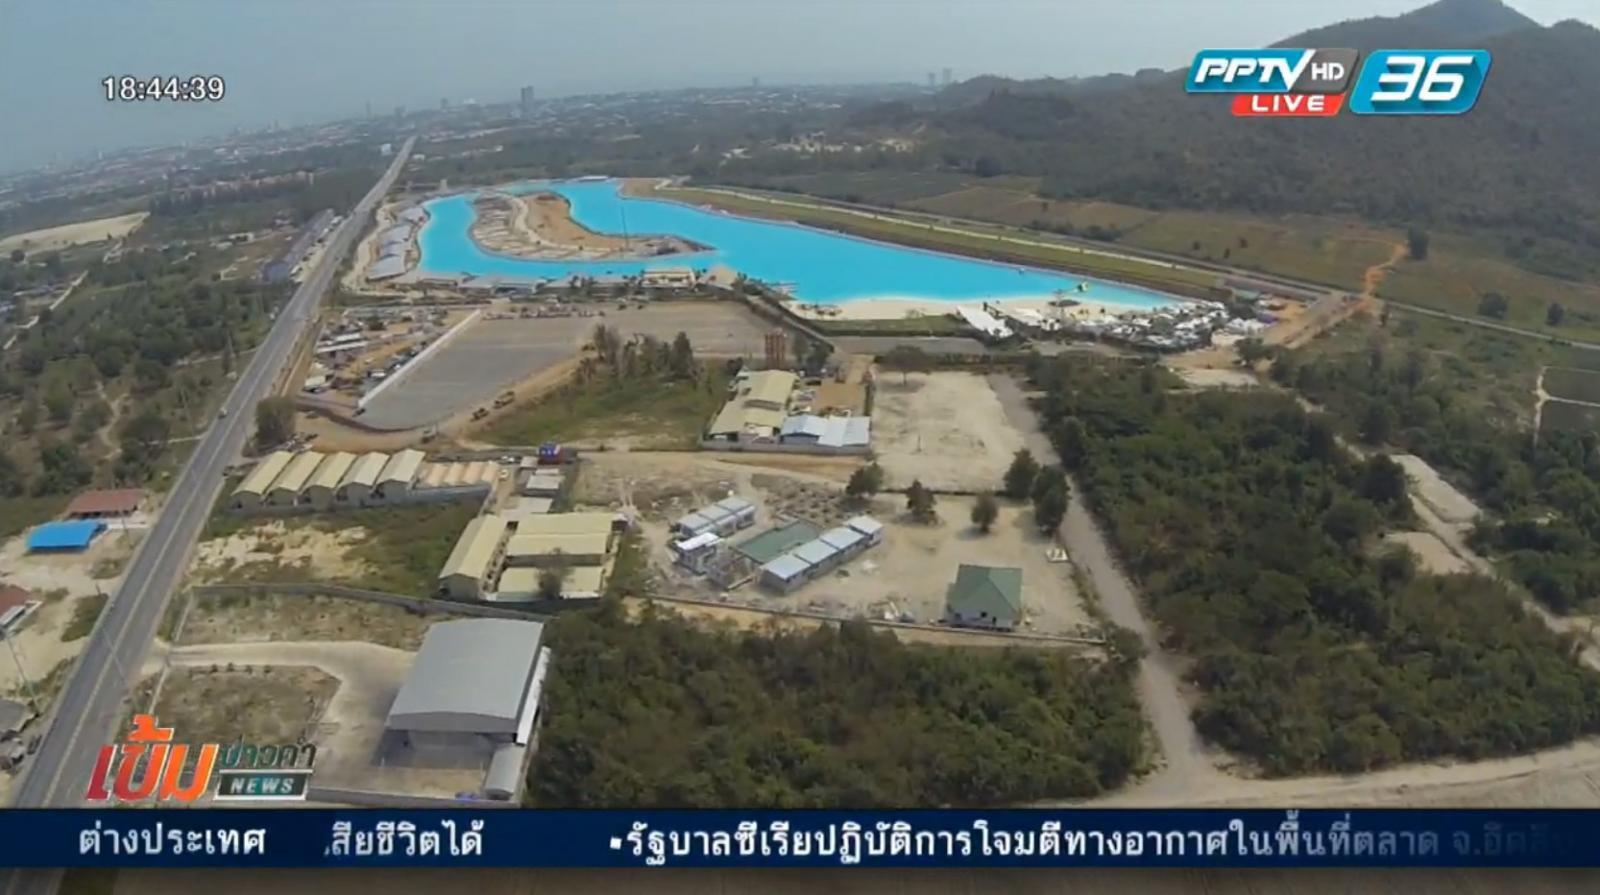 กปภ.แจงเป็นหน้าที่ส่งน้ำเข้าโครงการมหาสมุทรหัวหิน เพราะเป็นลูกค้า